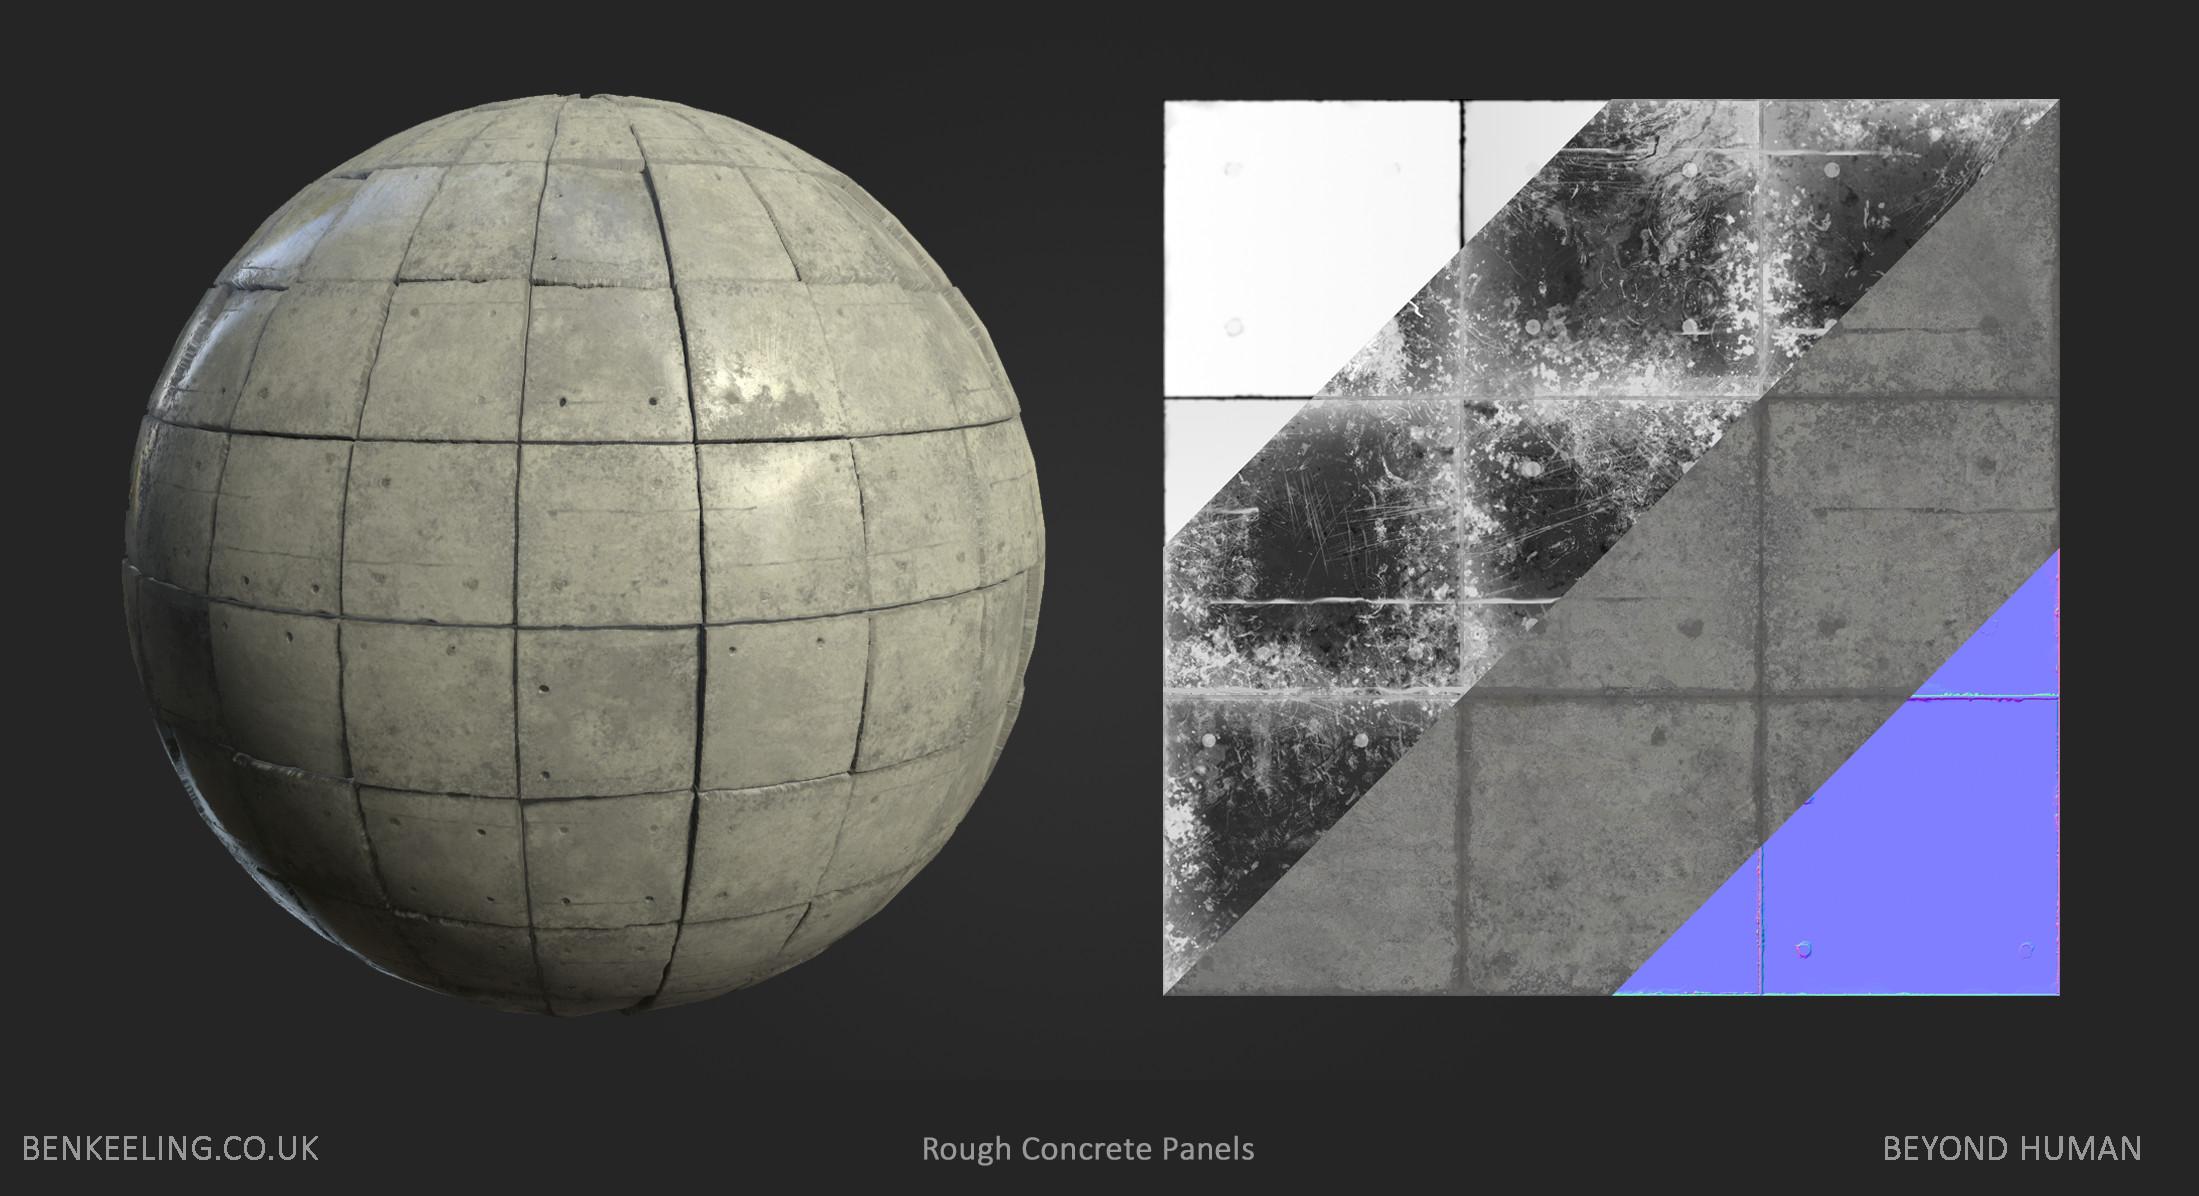 Materials - Concrete Panels